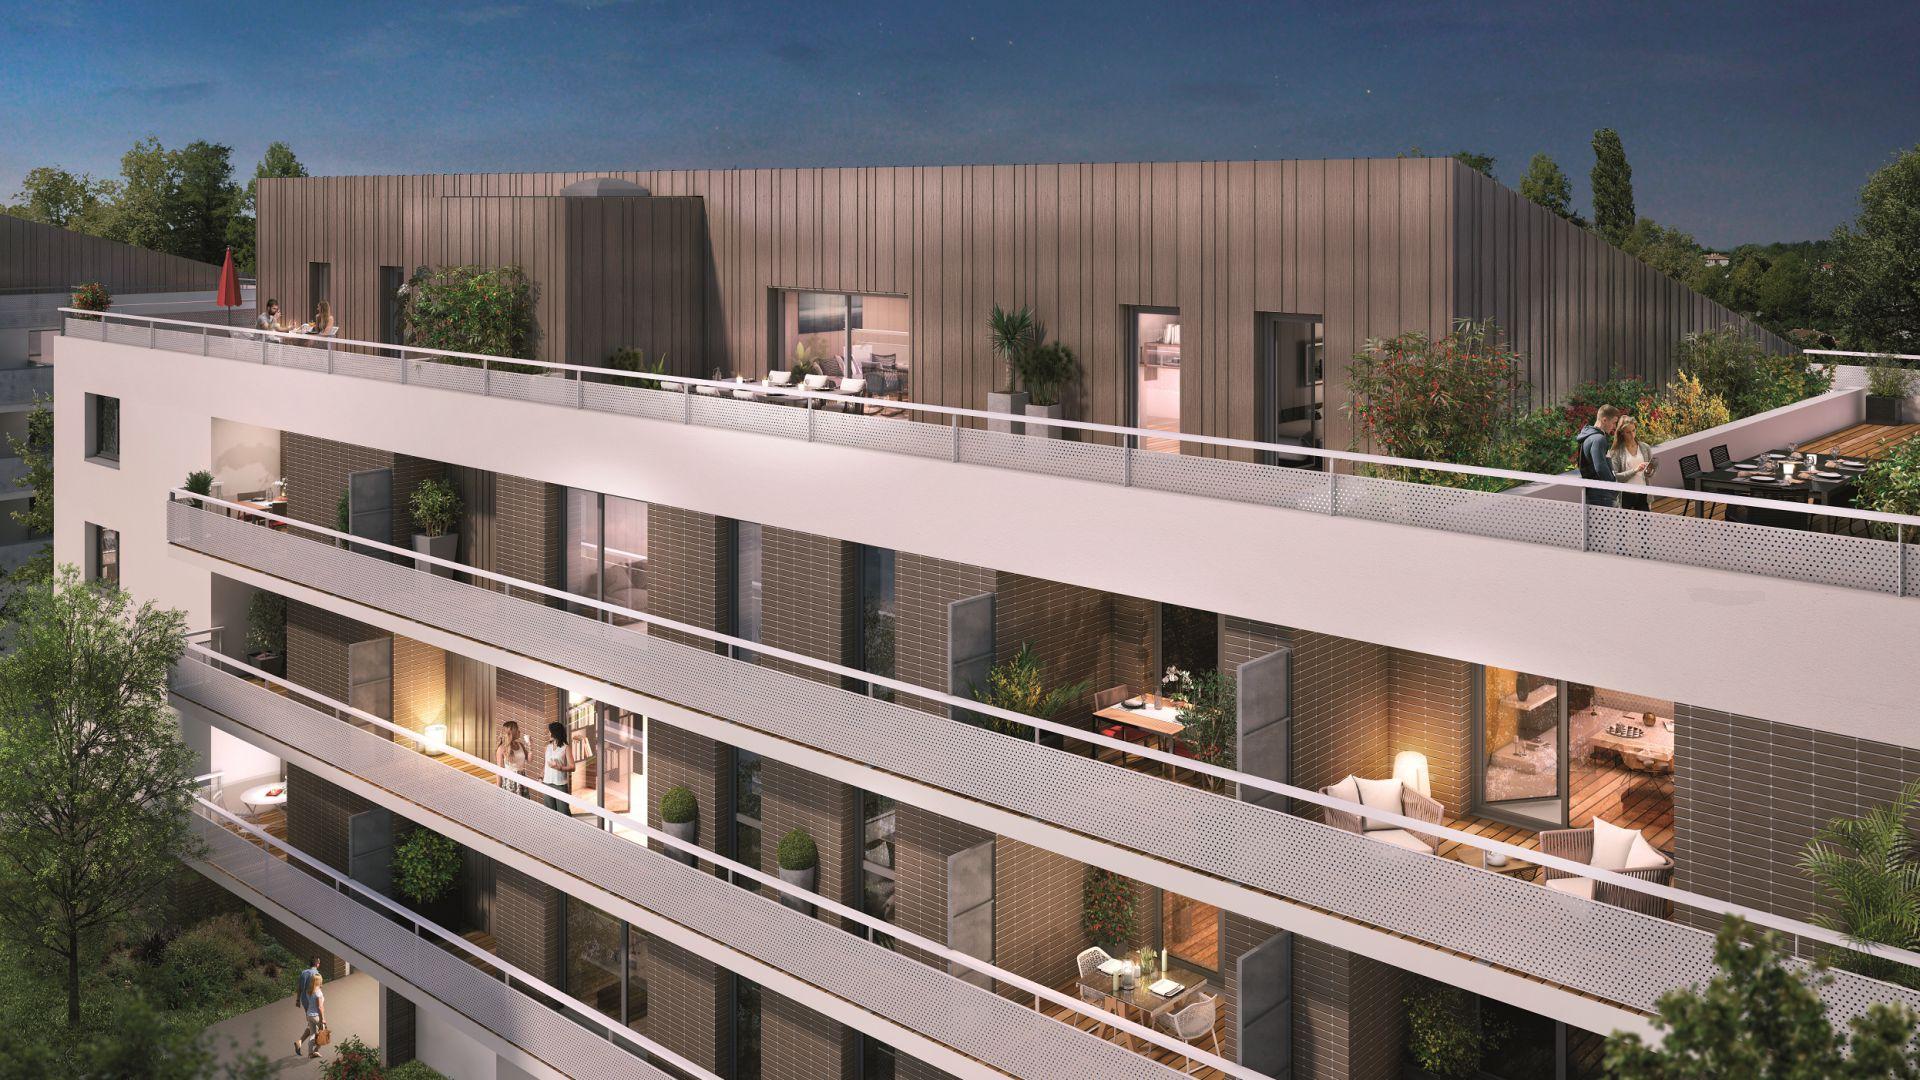 GreenCity immobilier - Toulouse Montaudran - rue rodier - GreenGarden 2 - appartement du T1 au T4 - accession prix maitrisés - vue rue